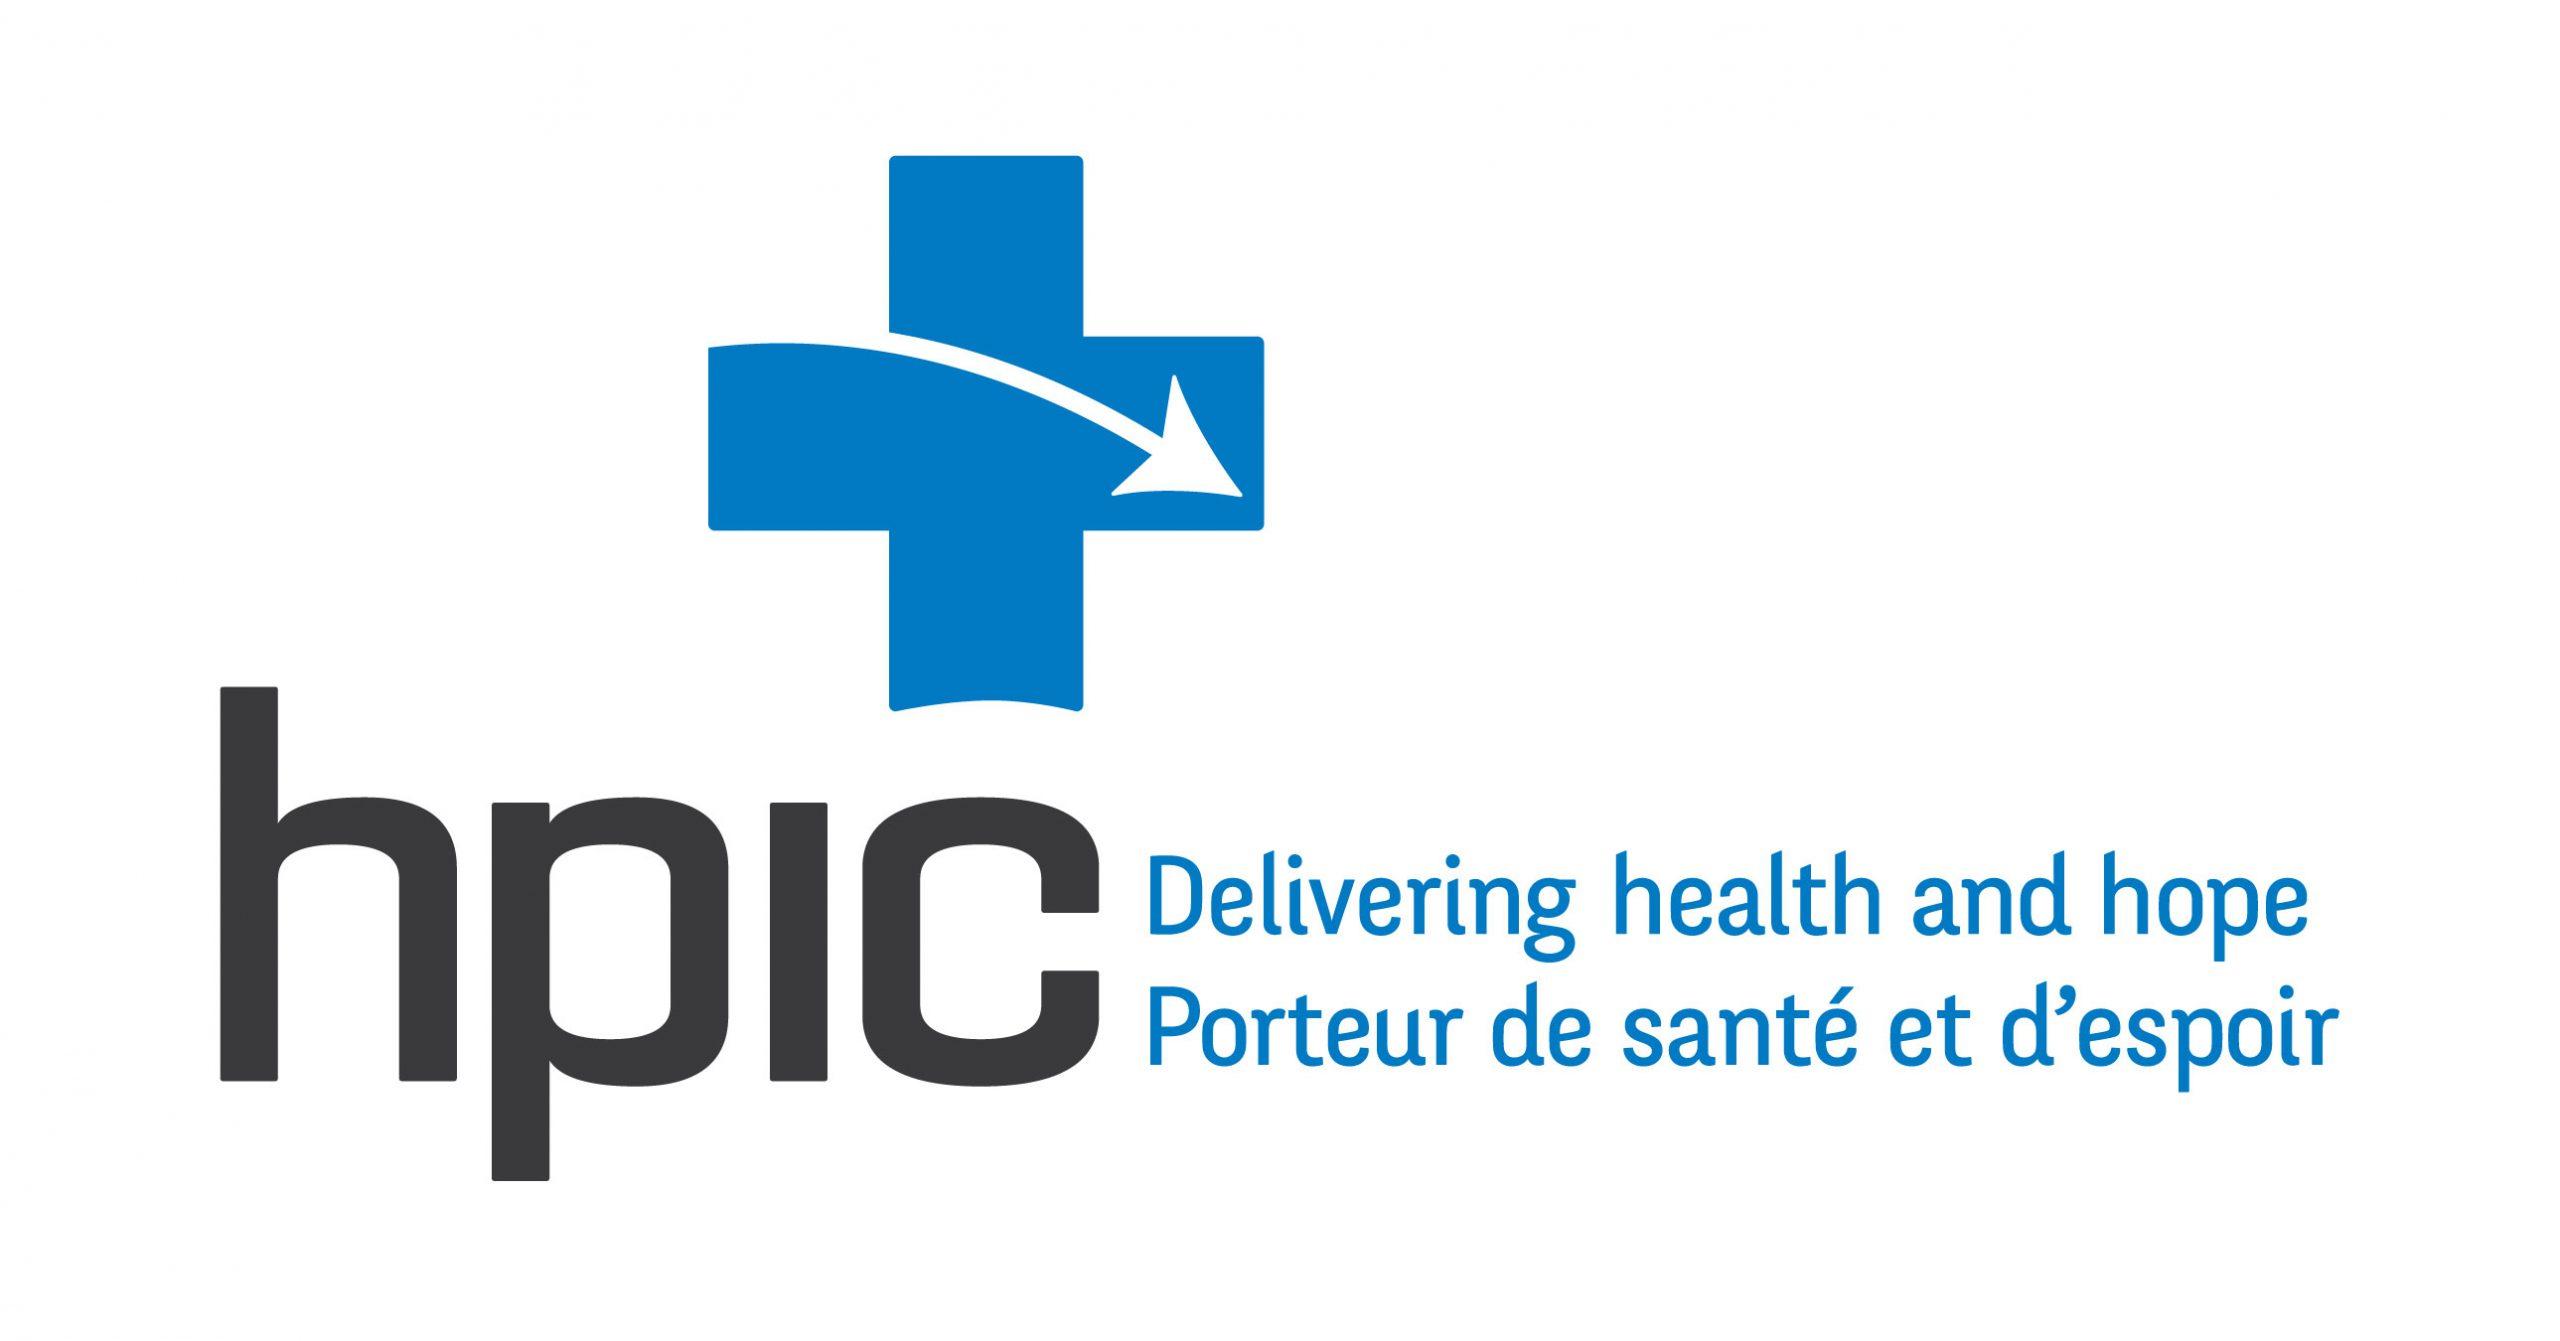 Partenaires Canadiens pour la Santé Internationale (HPIC) - Logo